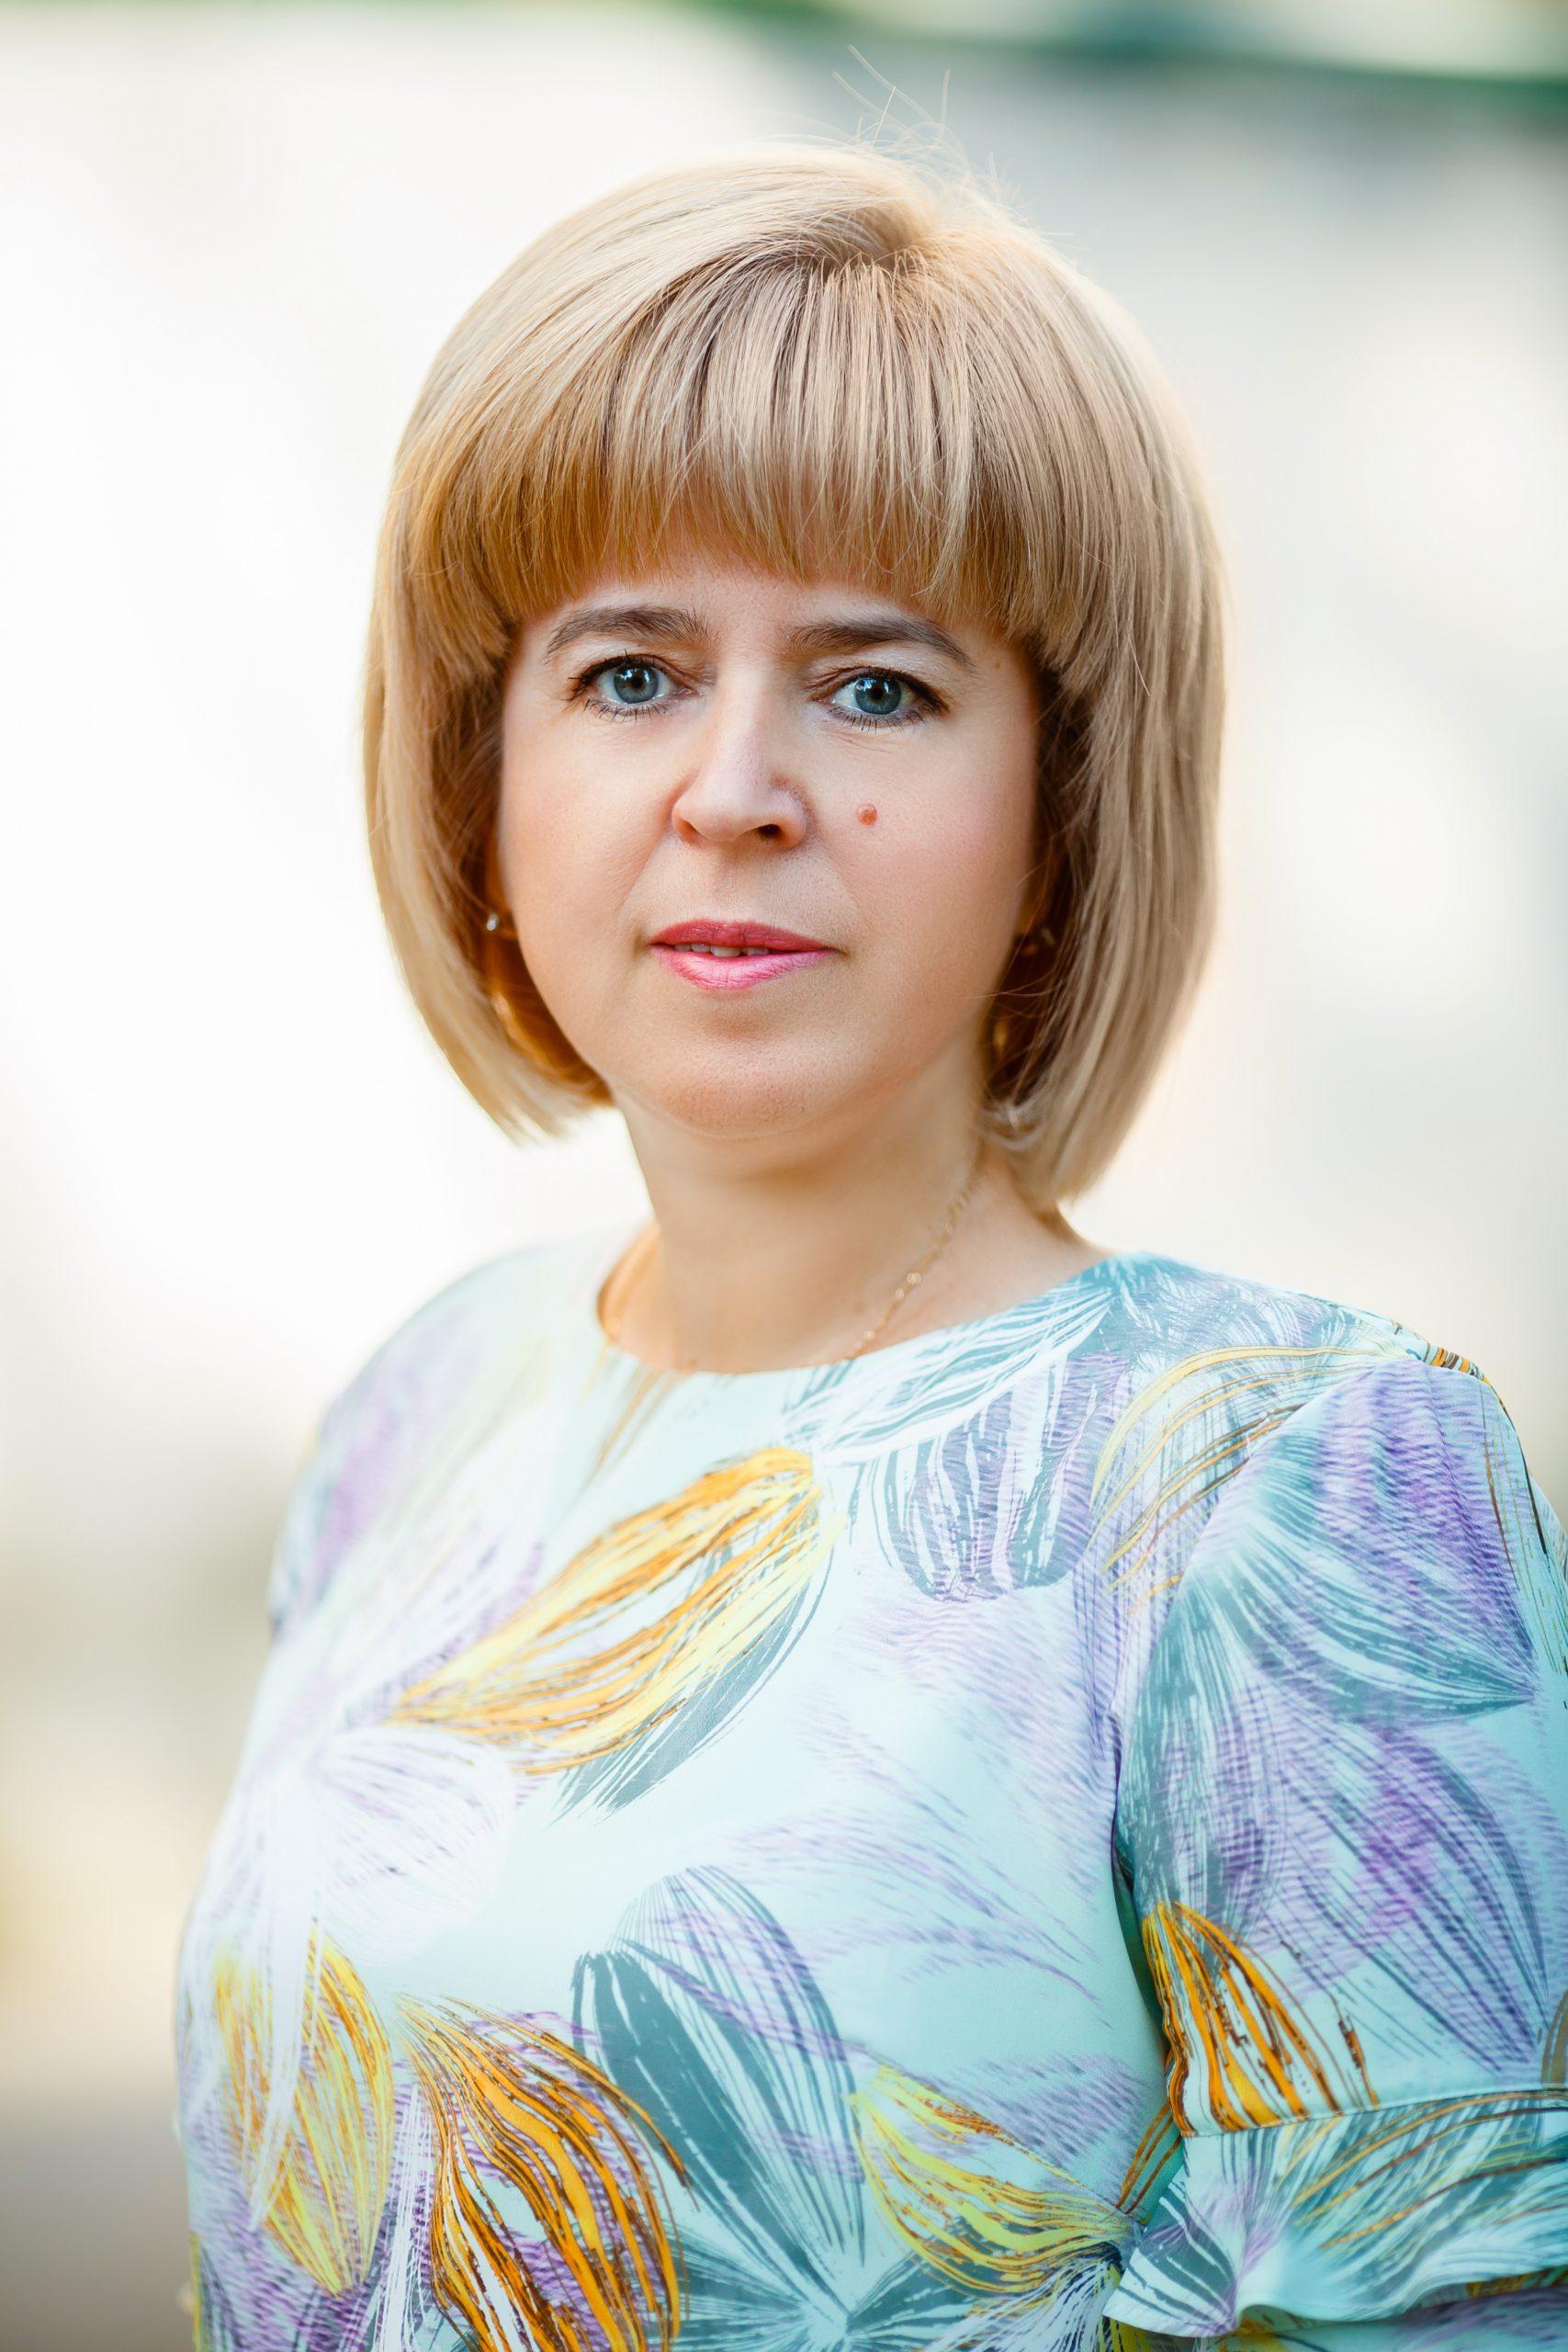 Главный врач Балаковской городской клинической больницы, депутат Совета Надежда Крючкова удостоена почетного звания «Заслуженный врач РФ»